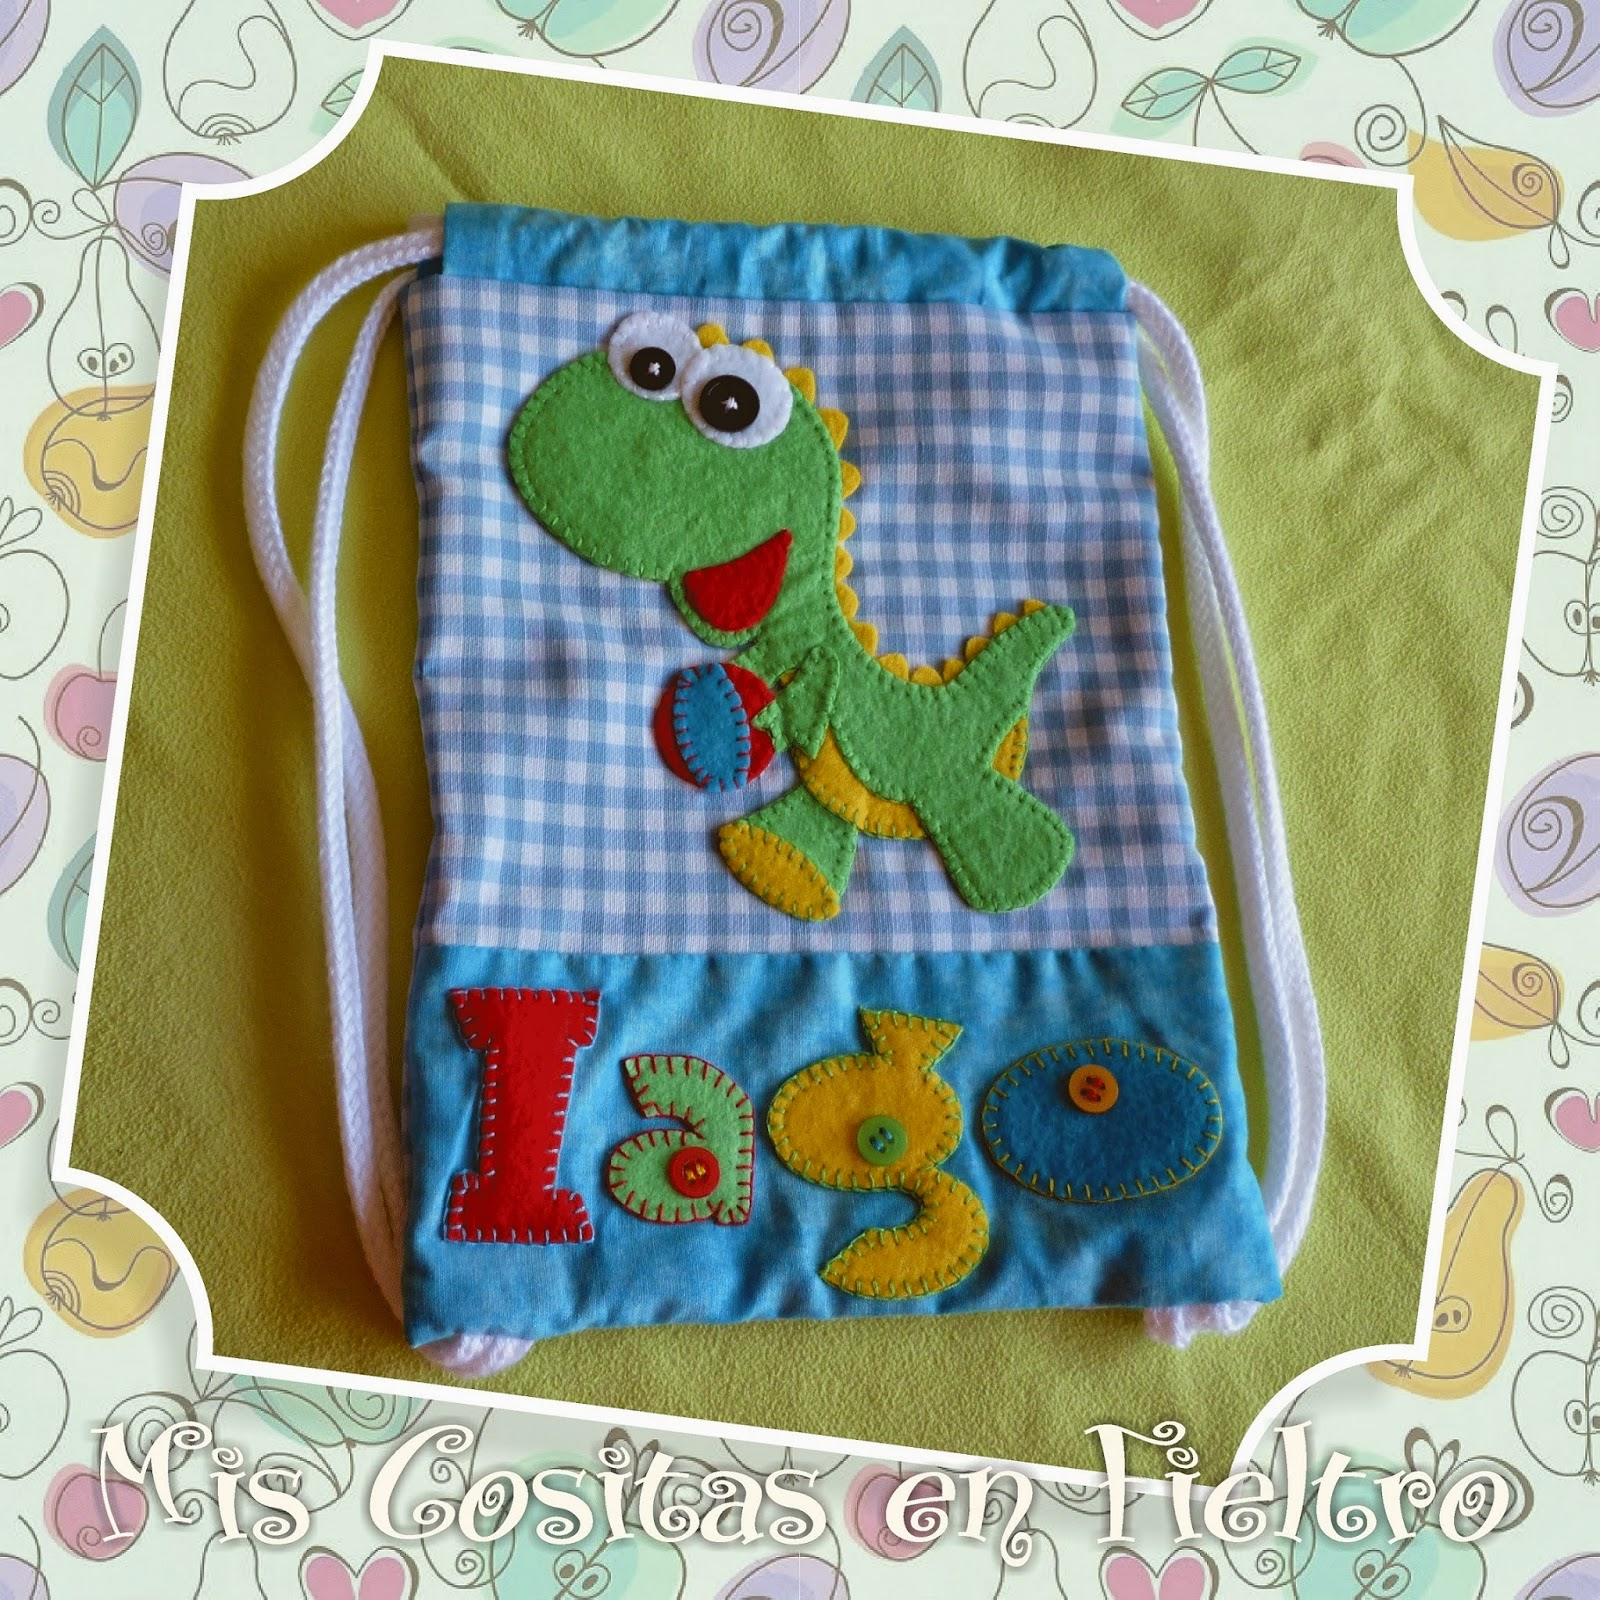 mochila de merienda, mochila para merienda, bolsa de merienda, fietlro, niños, merienda, regalo, dinosaurio, dinosaurios